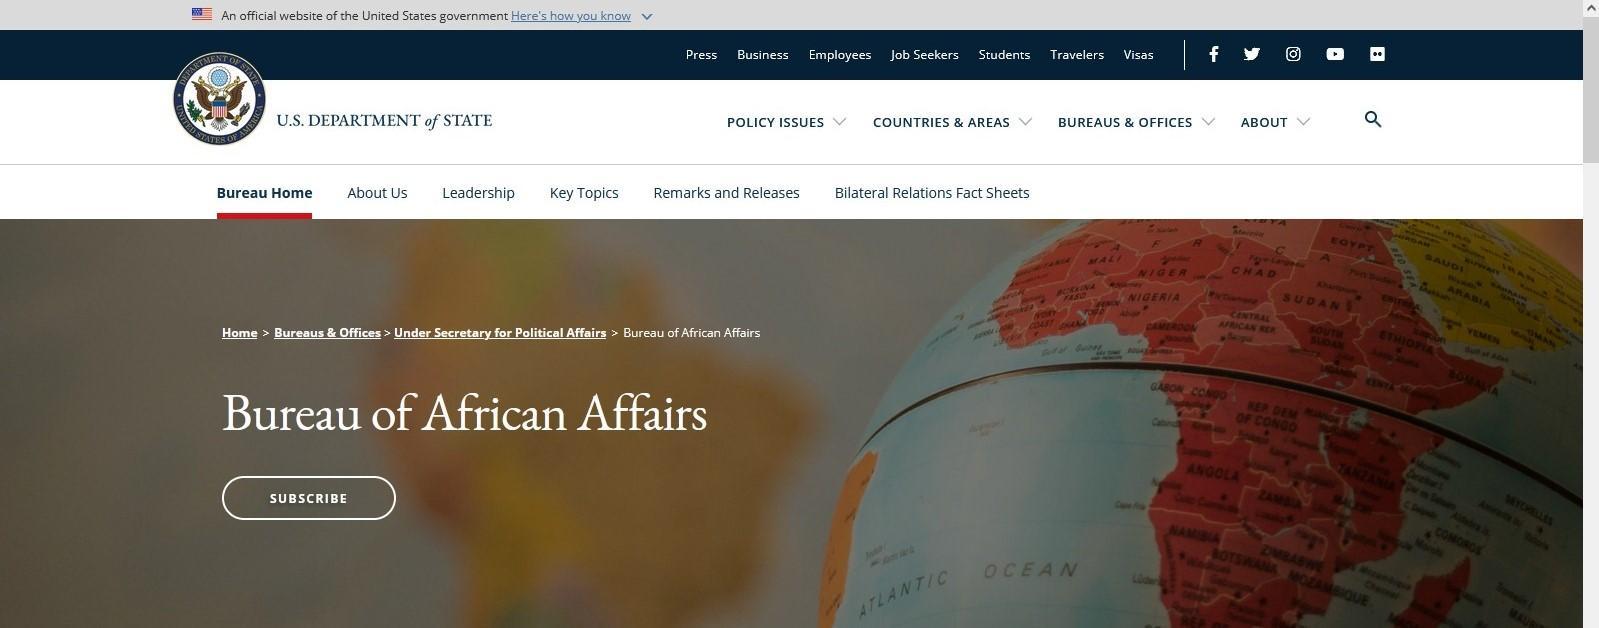 خريطة الصحراء الغربية بحدودها المعترف بها دوليا على واجهة الموقع الرسمي لمكتب الشؤون الأفريقية التابع للخارجية الأمريكية